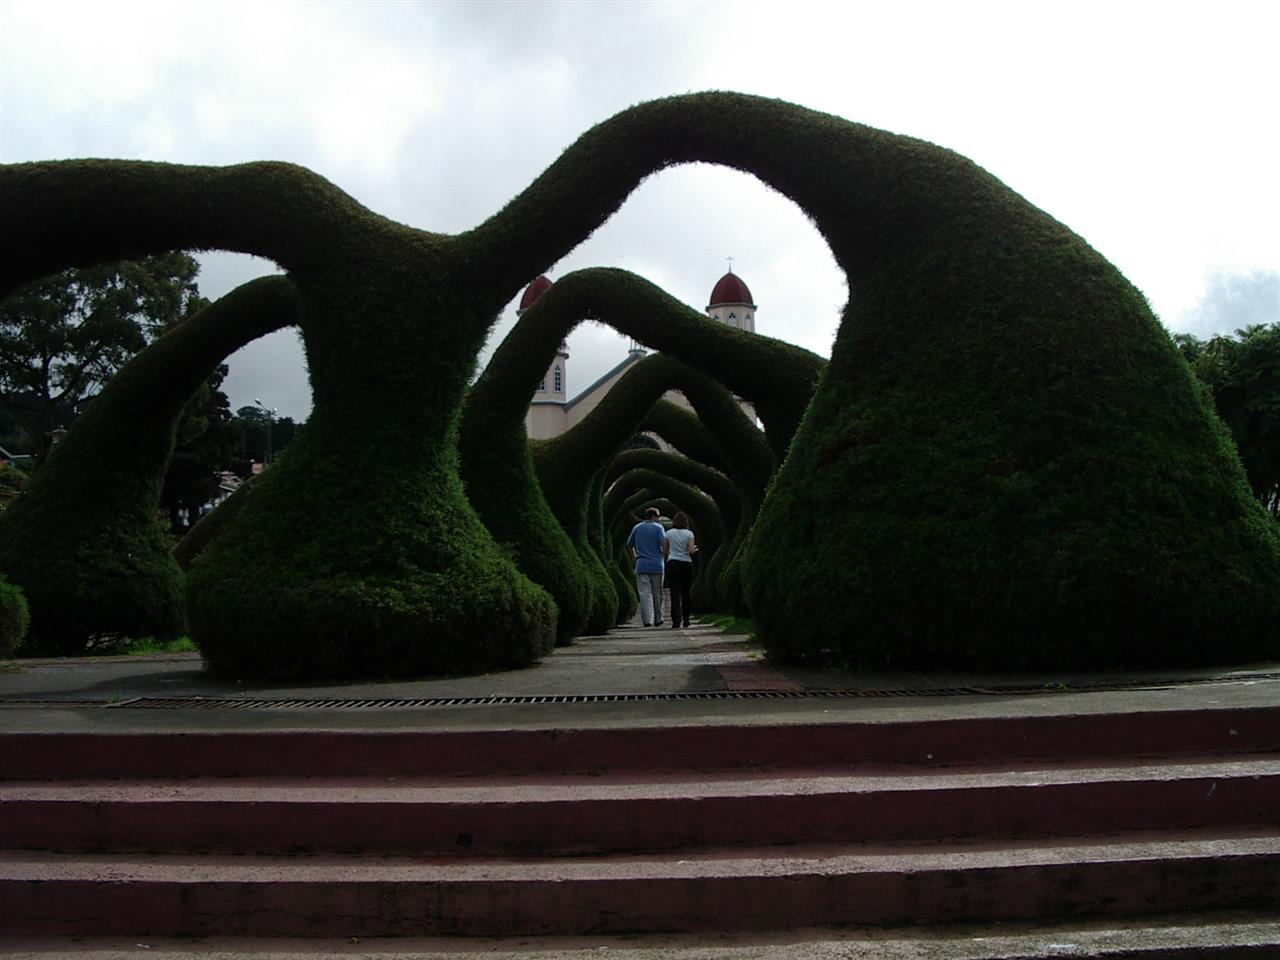 the famous Zarcero park in Alajuela, Costa Rica